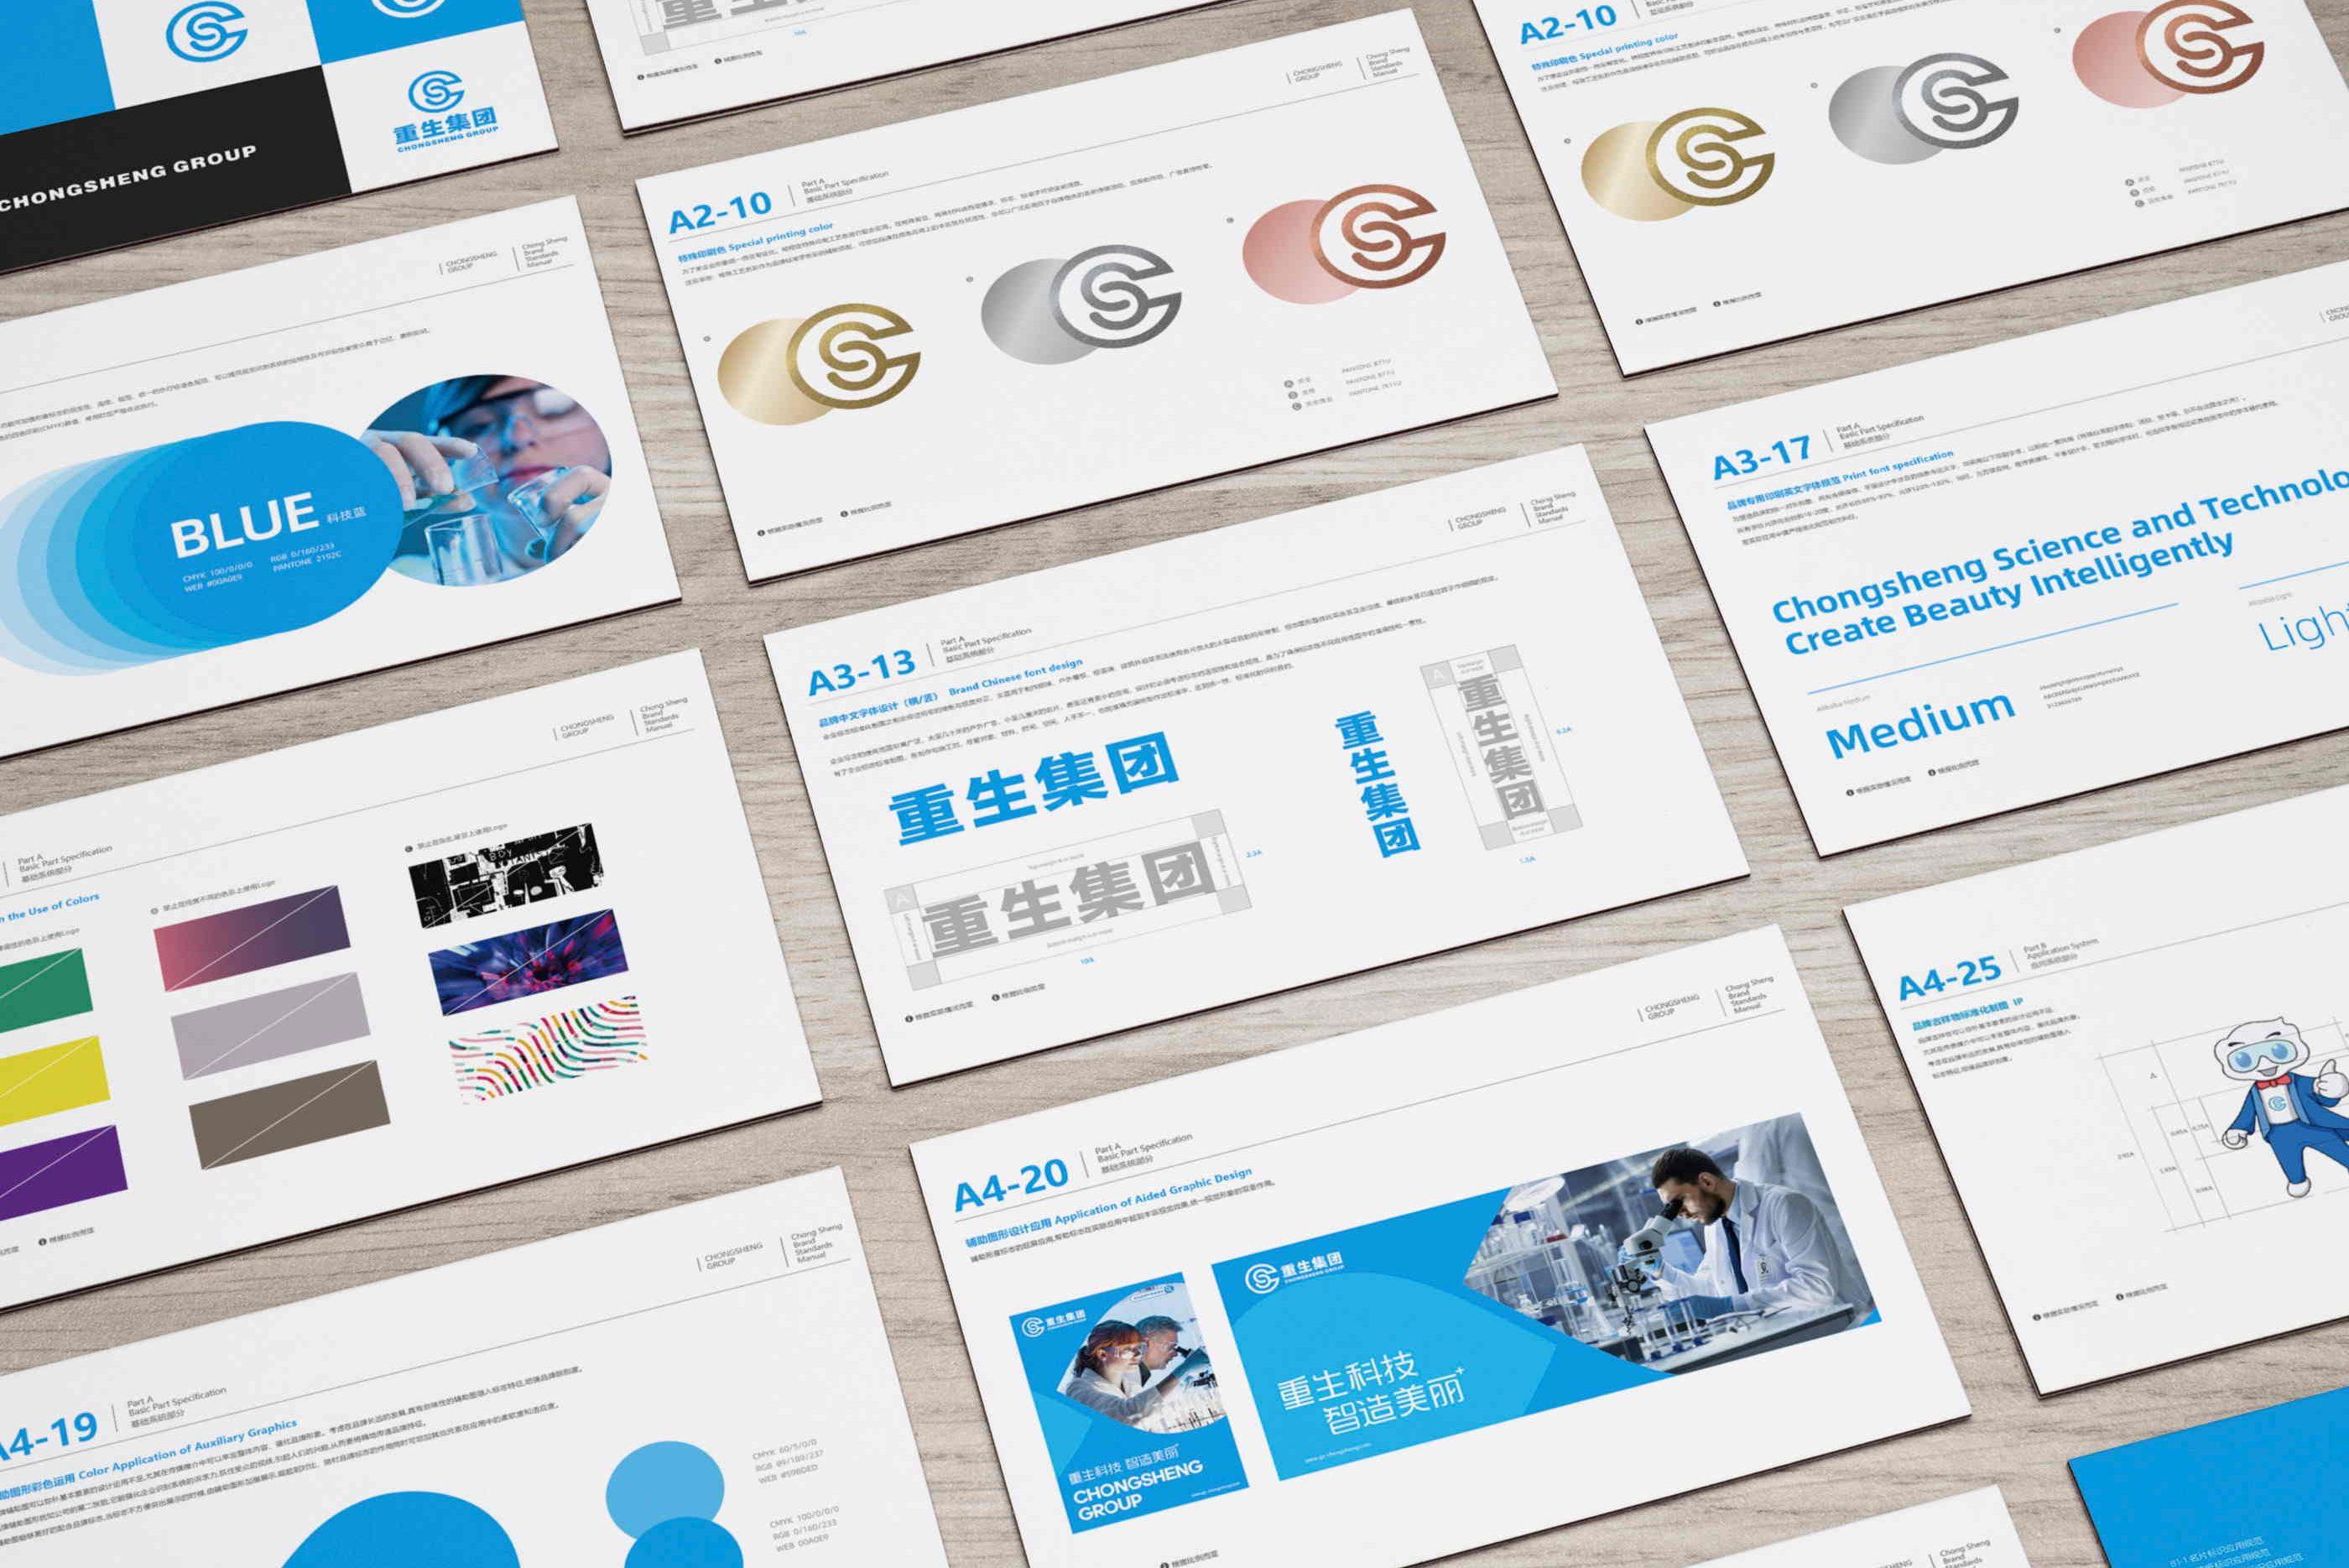 廣東小李白-如何了解設計公司的實力